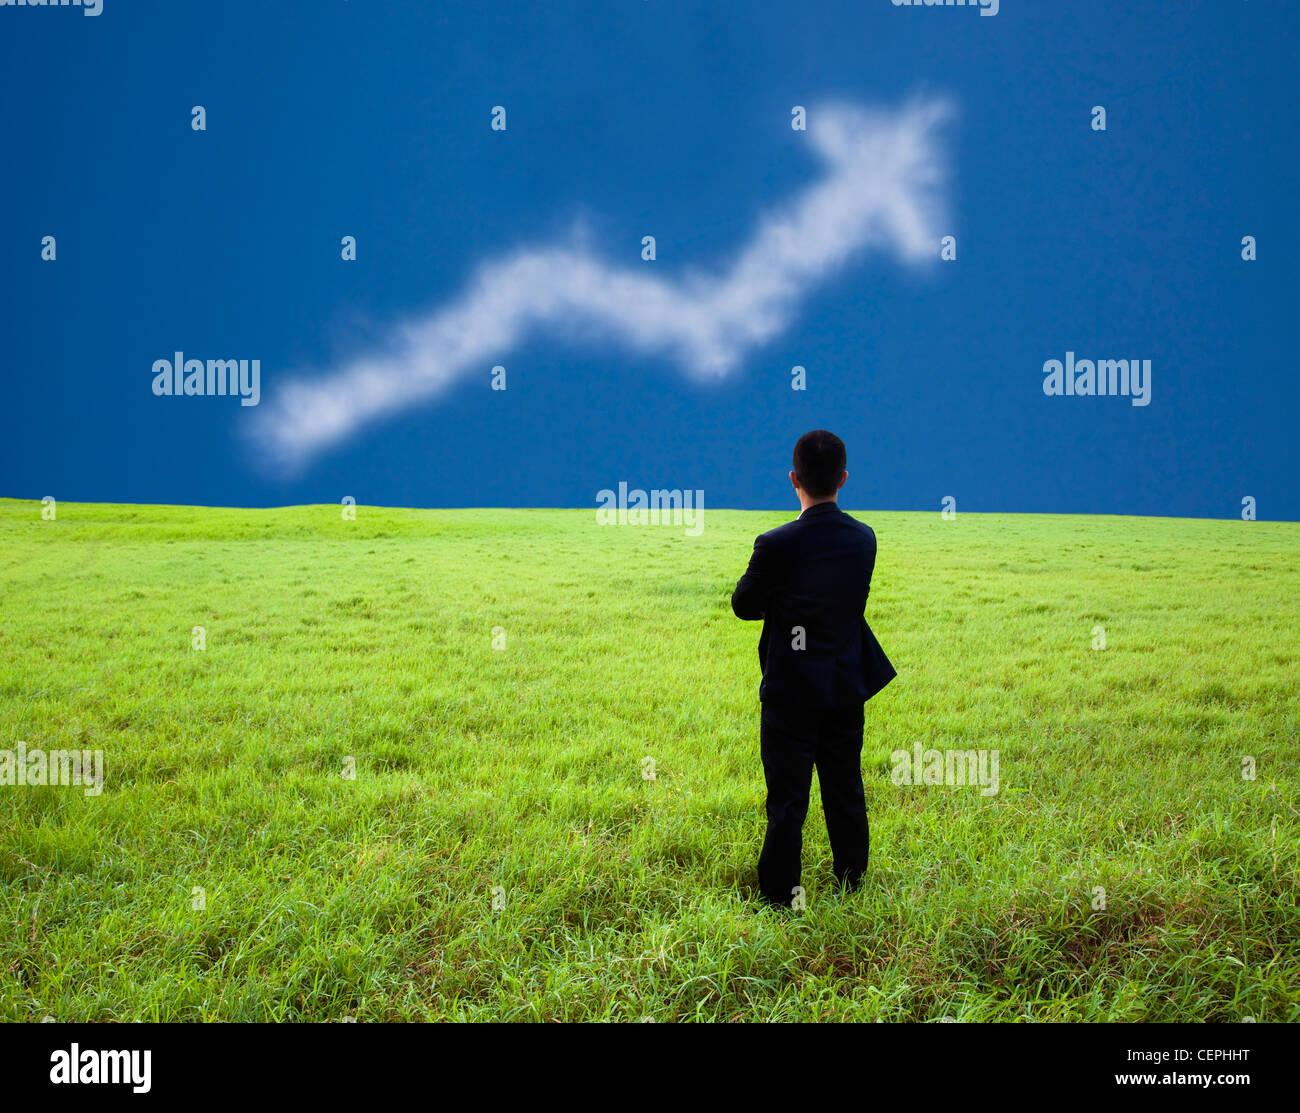 Empresario de pie en la pradera y ver el beneficio empresarial gráfico de cloud Foto de stock